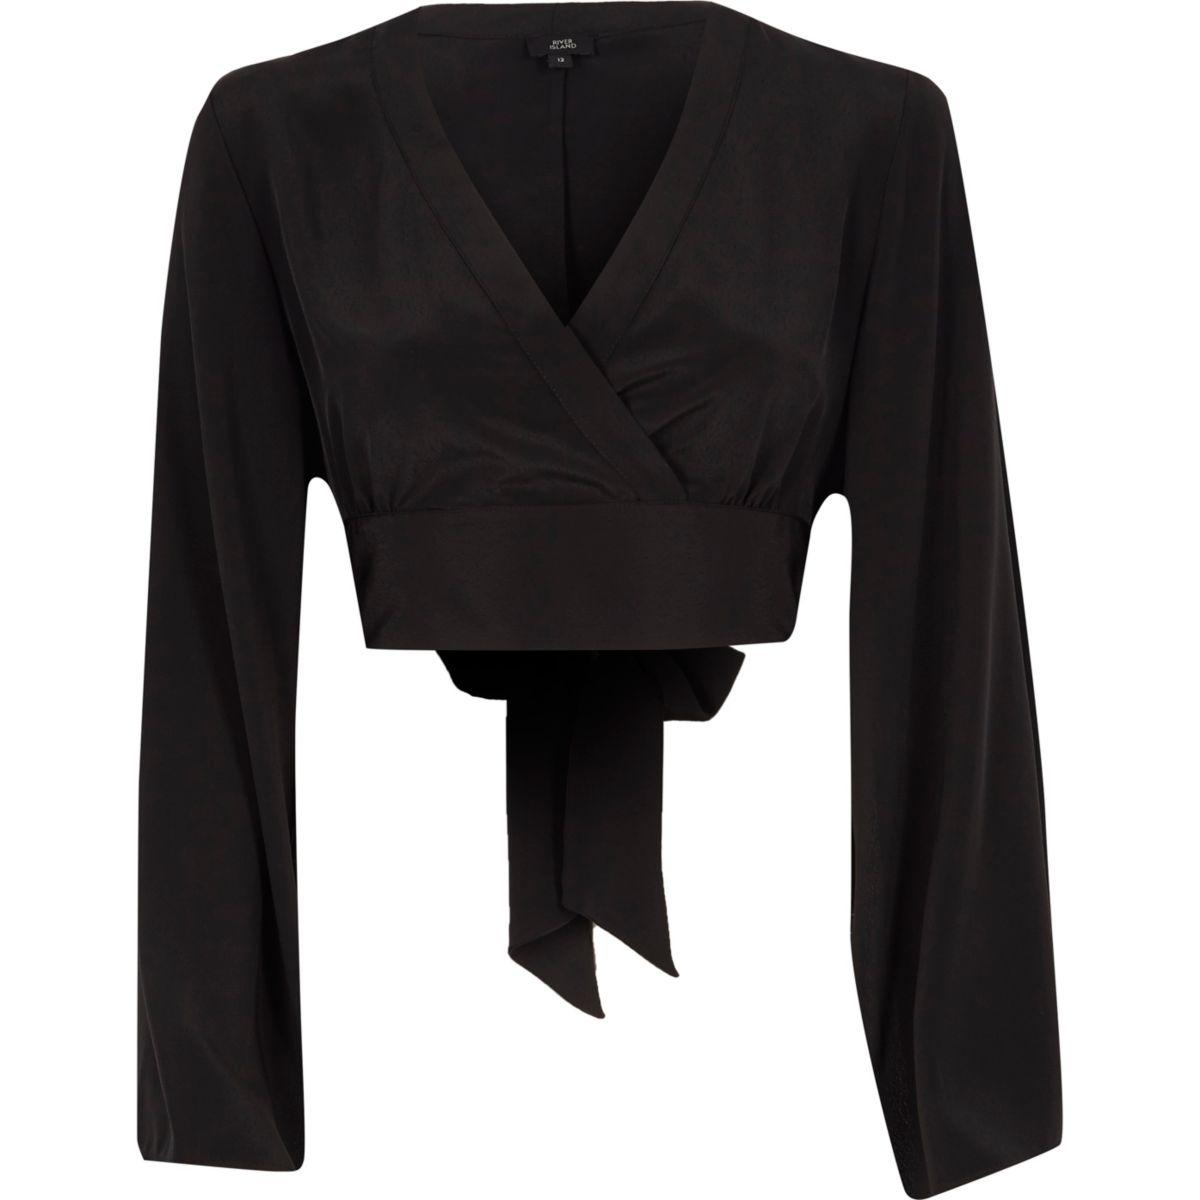 Zwarte crop top met overslag en kimonomouwen